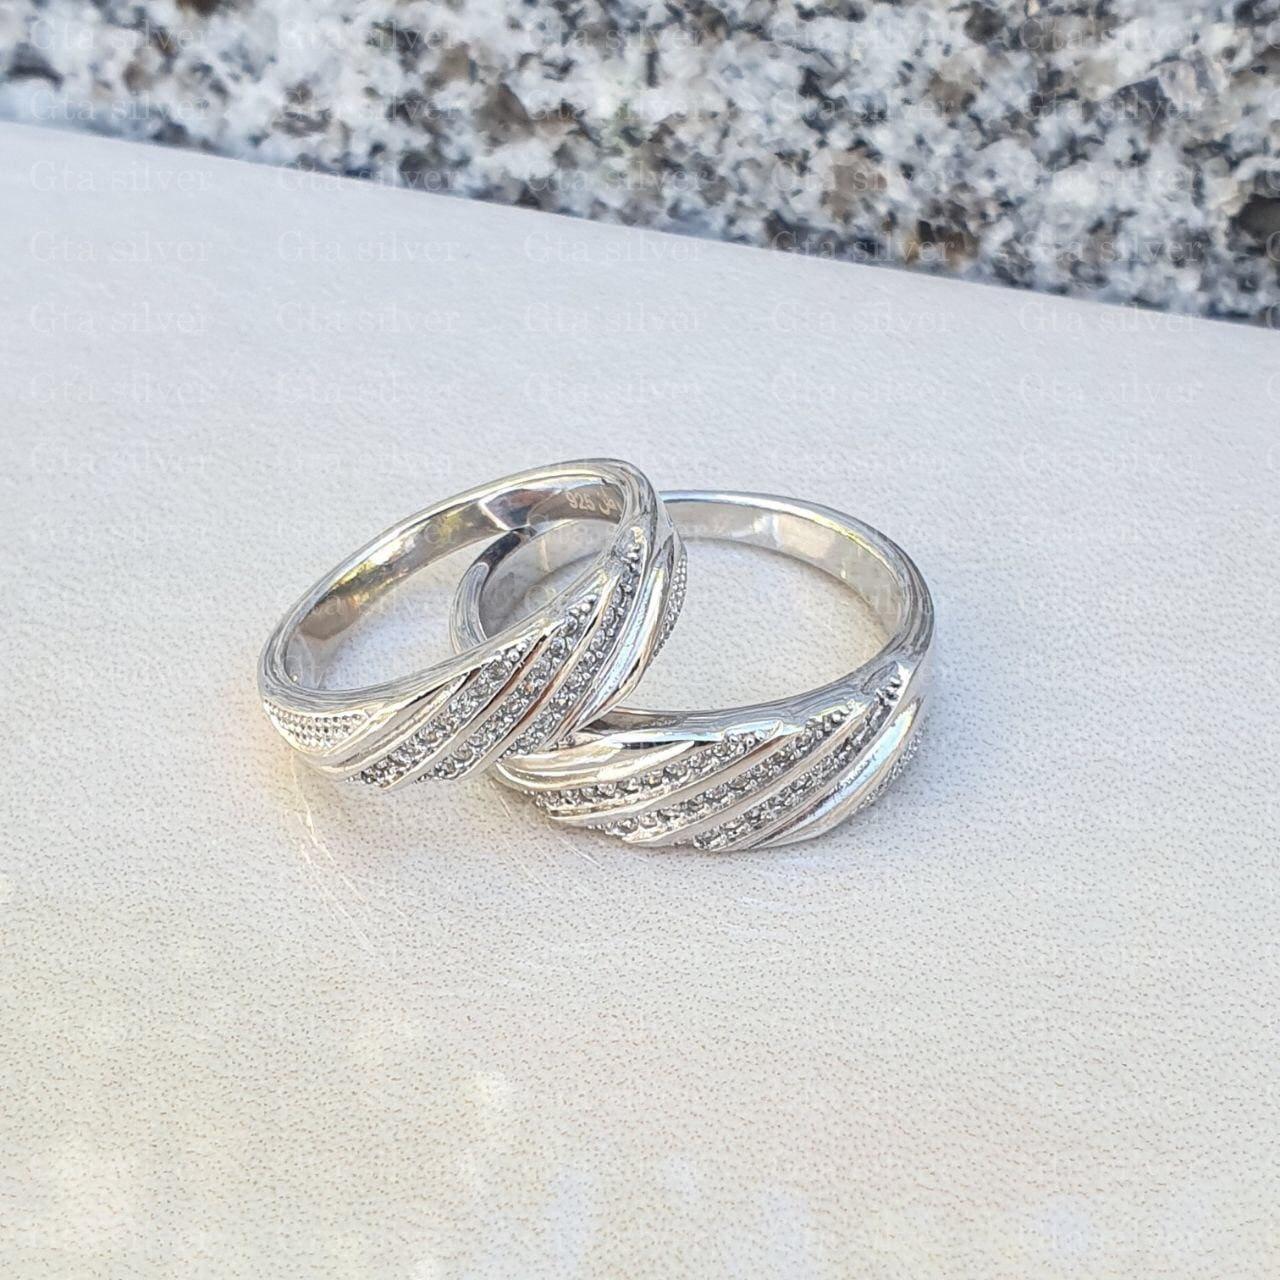 ست حلقه ازدواج وزن 8.5 گرم مدل 12